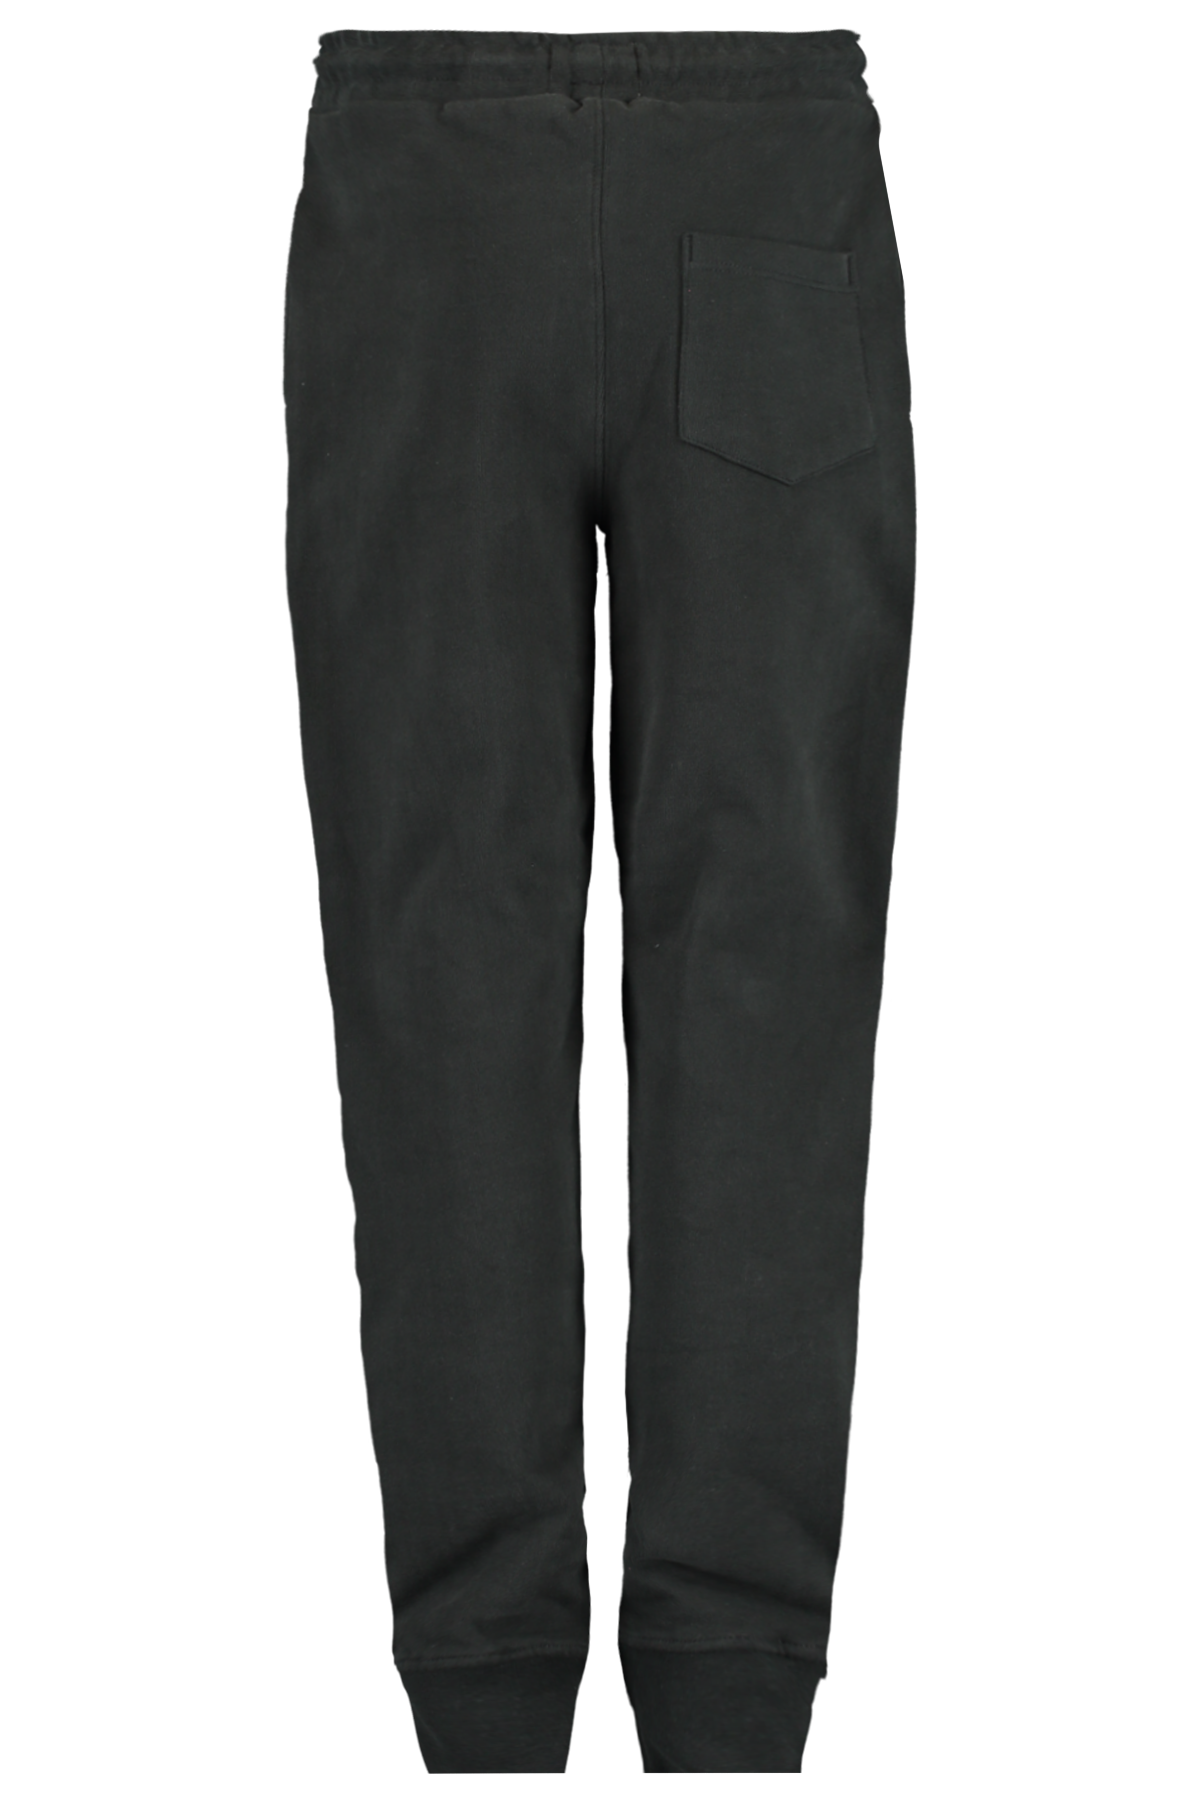 Pantalon de jogging Caleb Jr